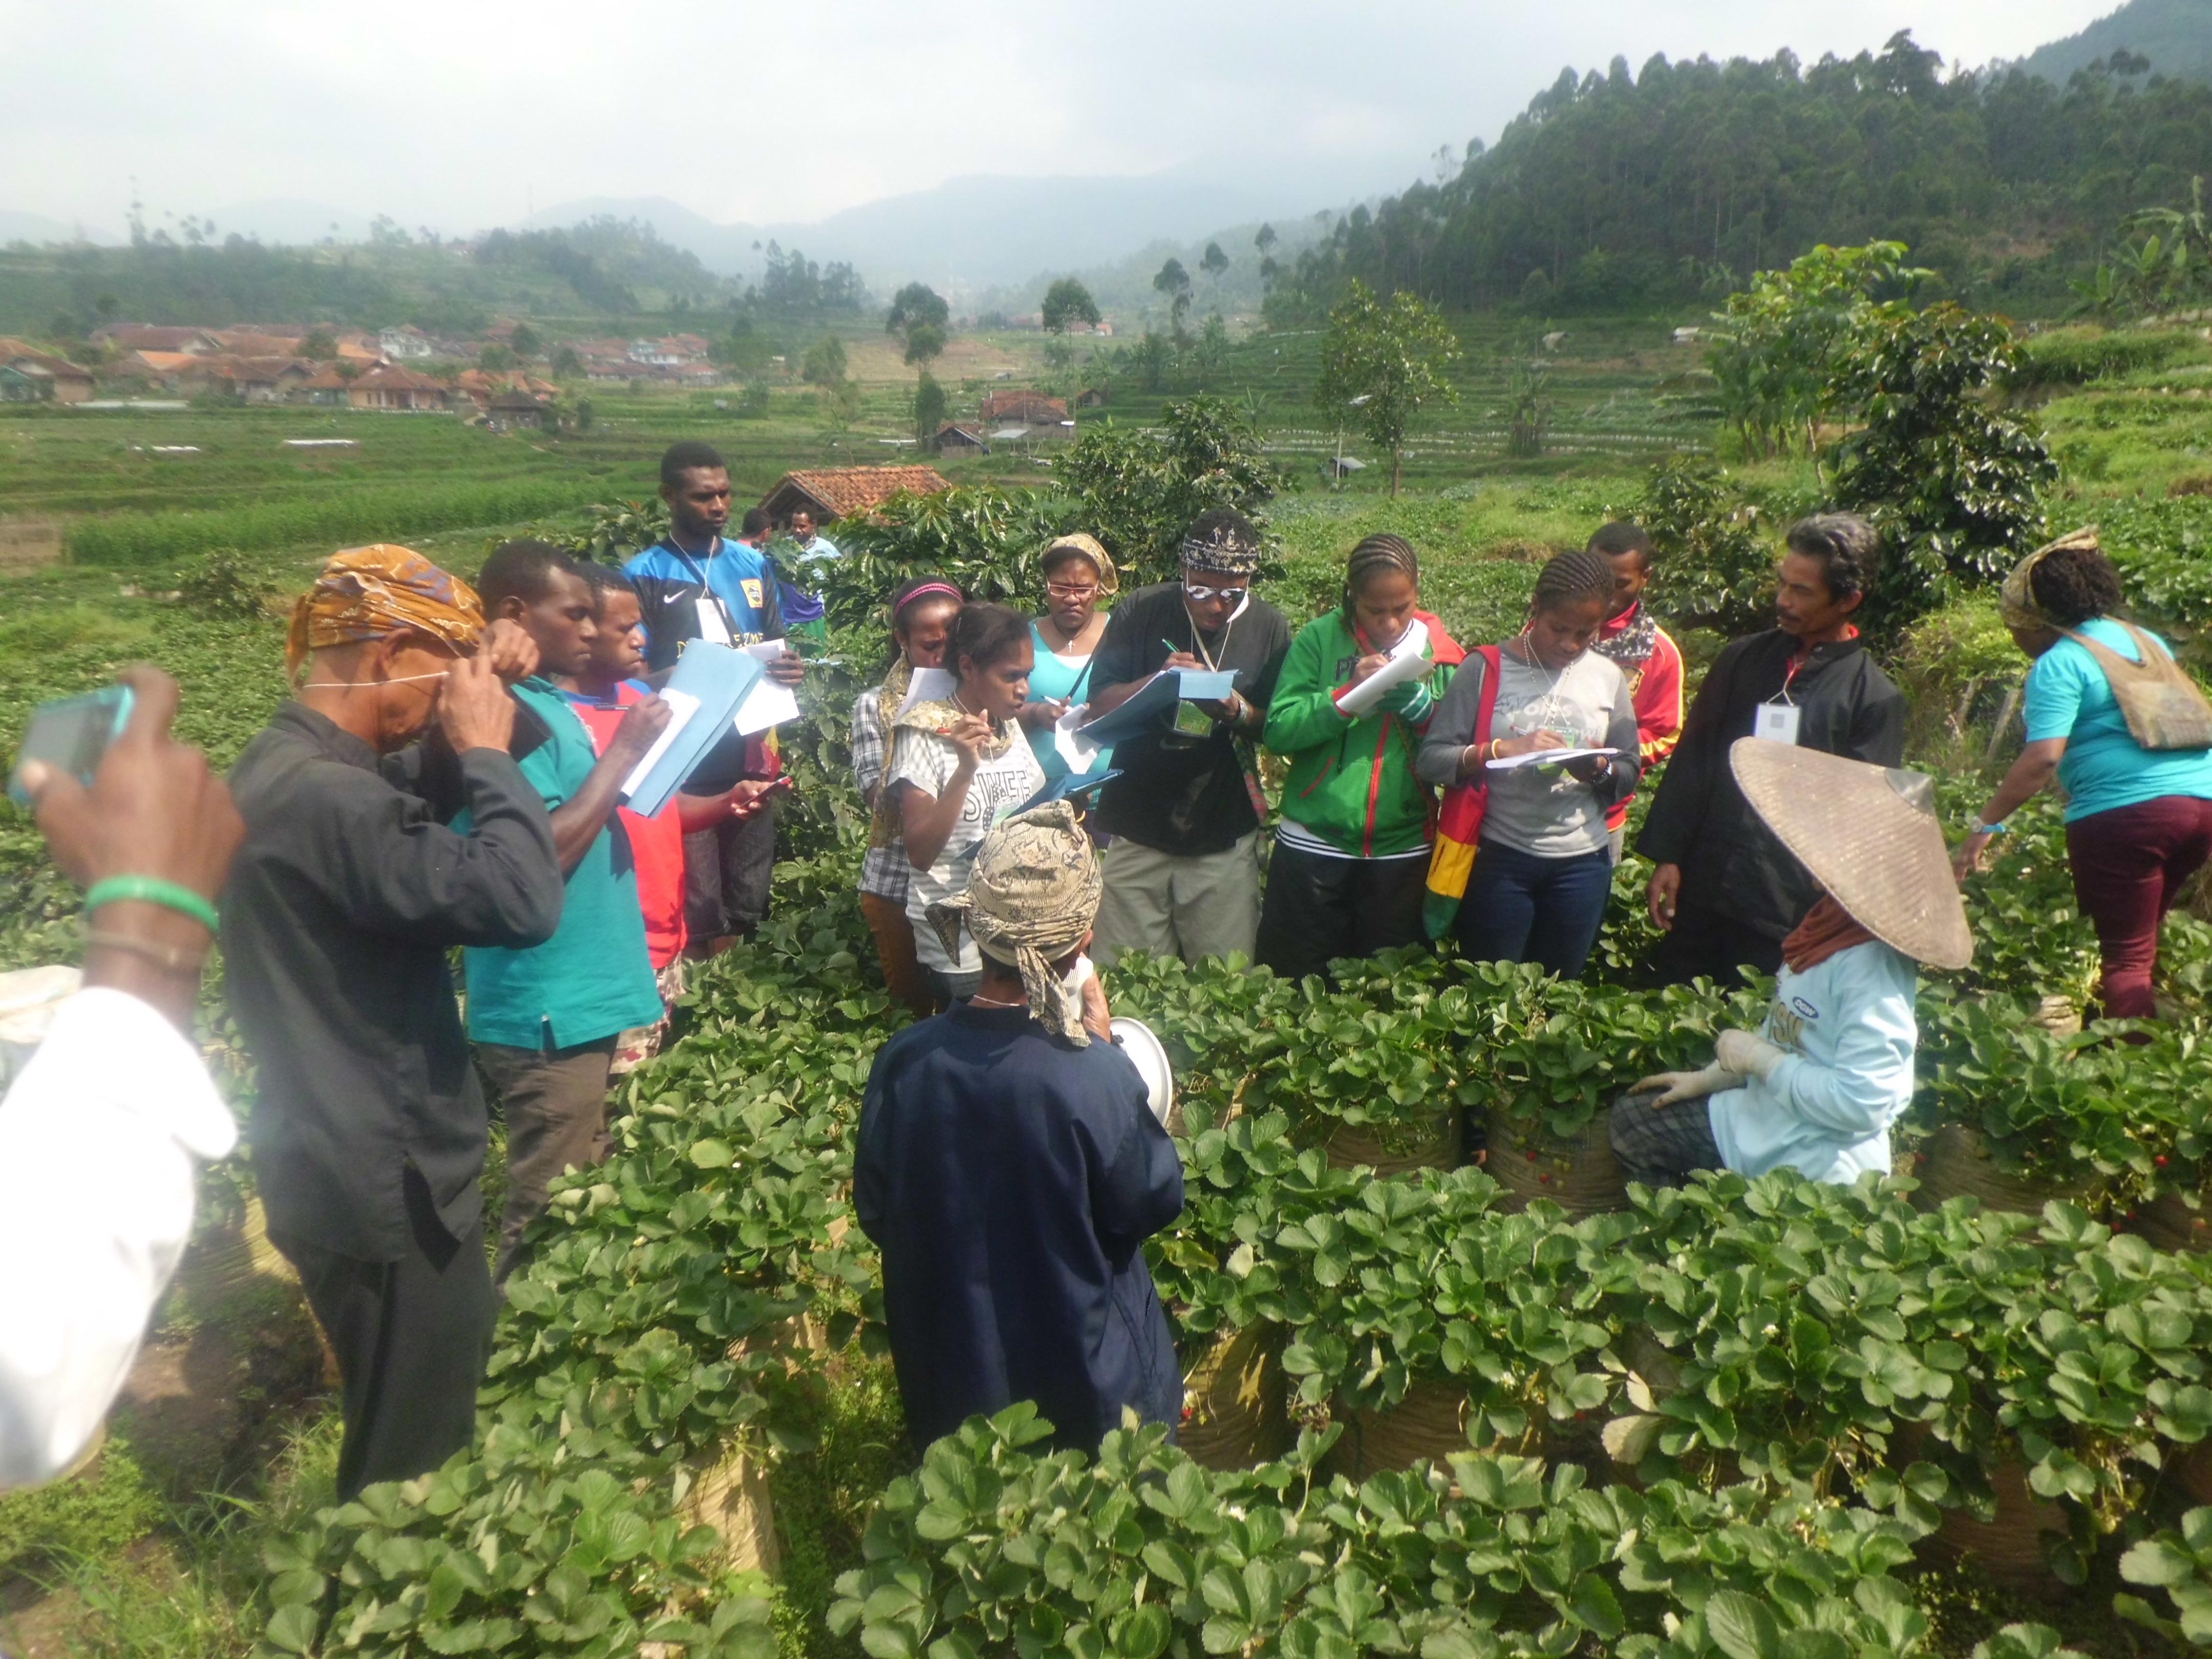 Desa Wisata Lebakmuncang Agroedukasi Orientasi Budaya